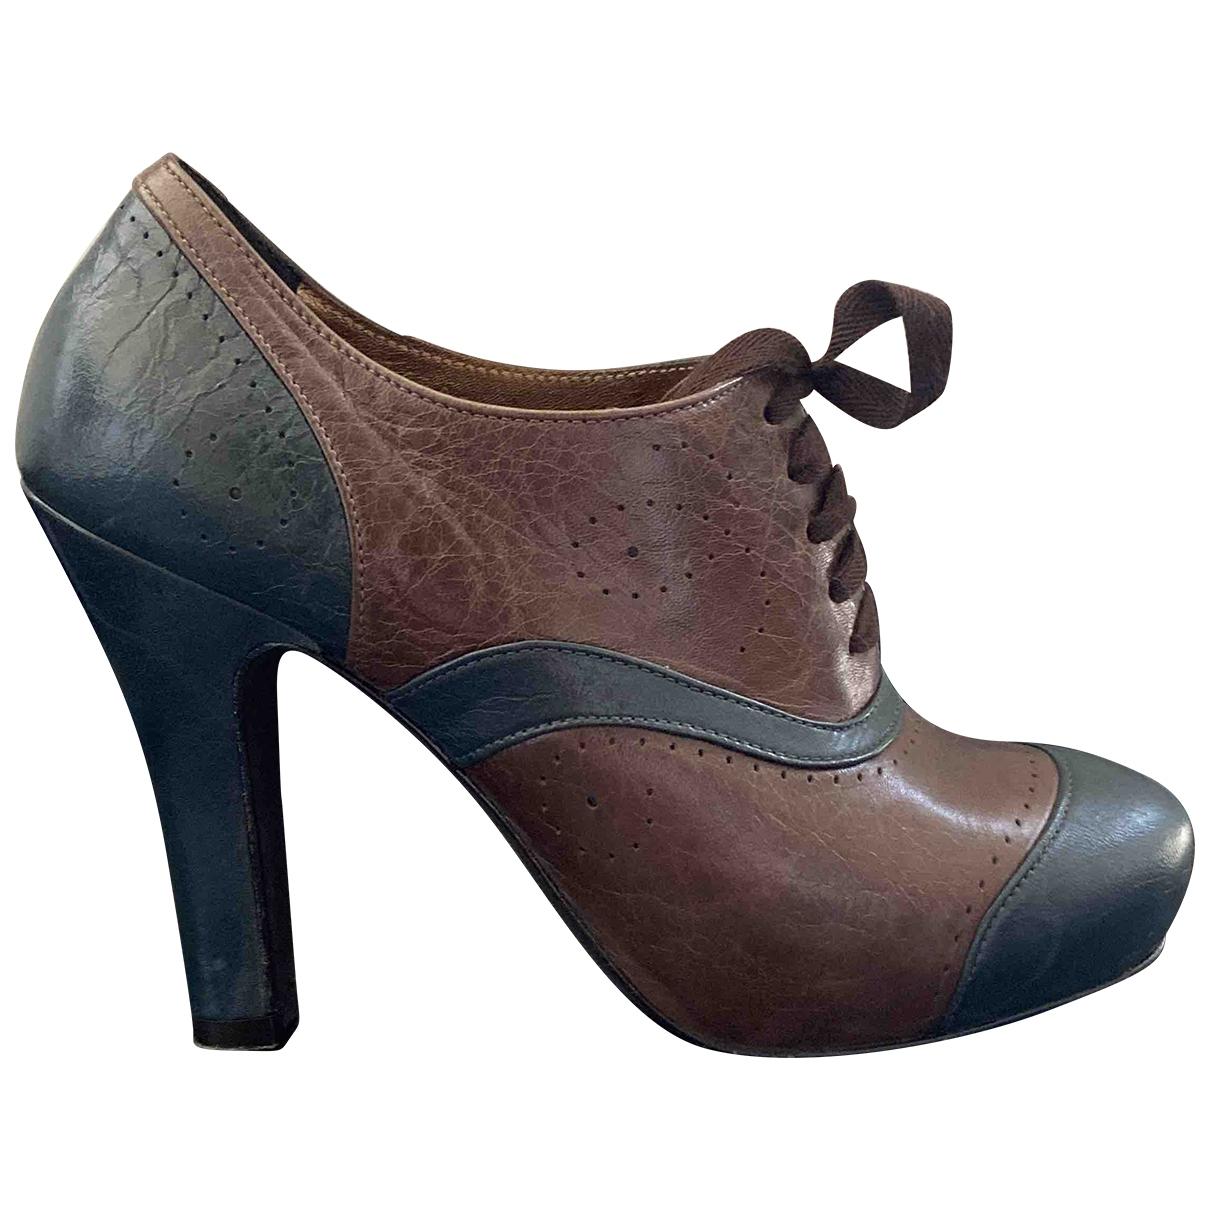 Jaime Mascaro \N Brown Patent leather Heels for Women 37 EU